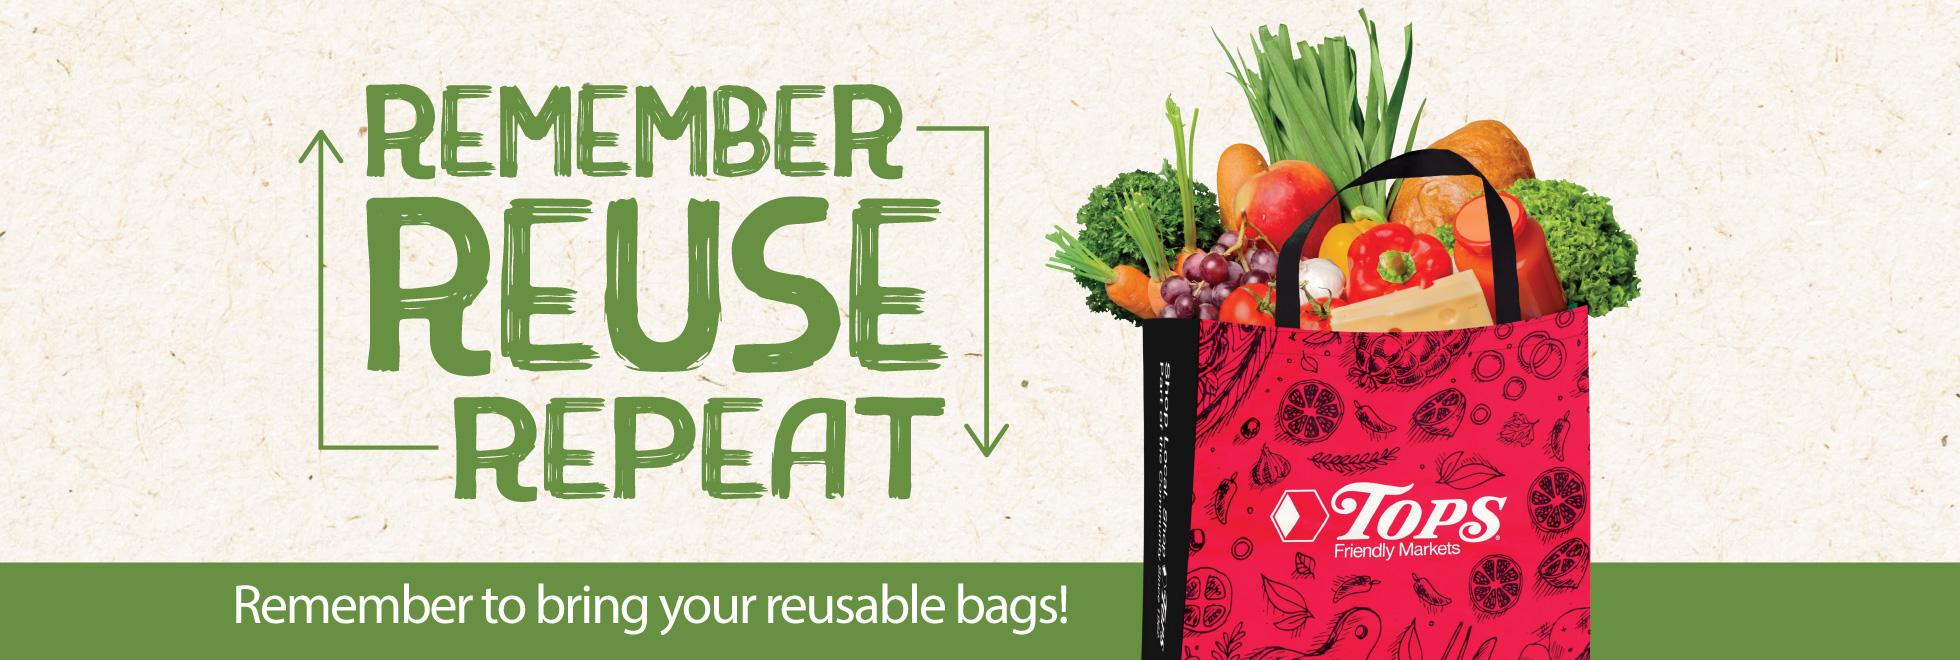 Remember Reuse Repeat Reusable Bags